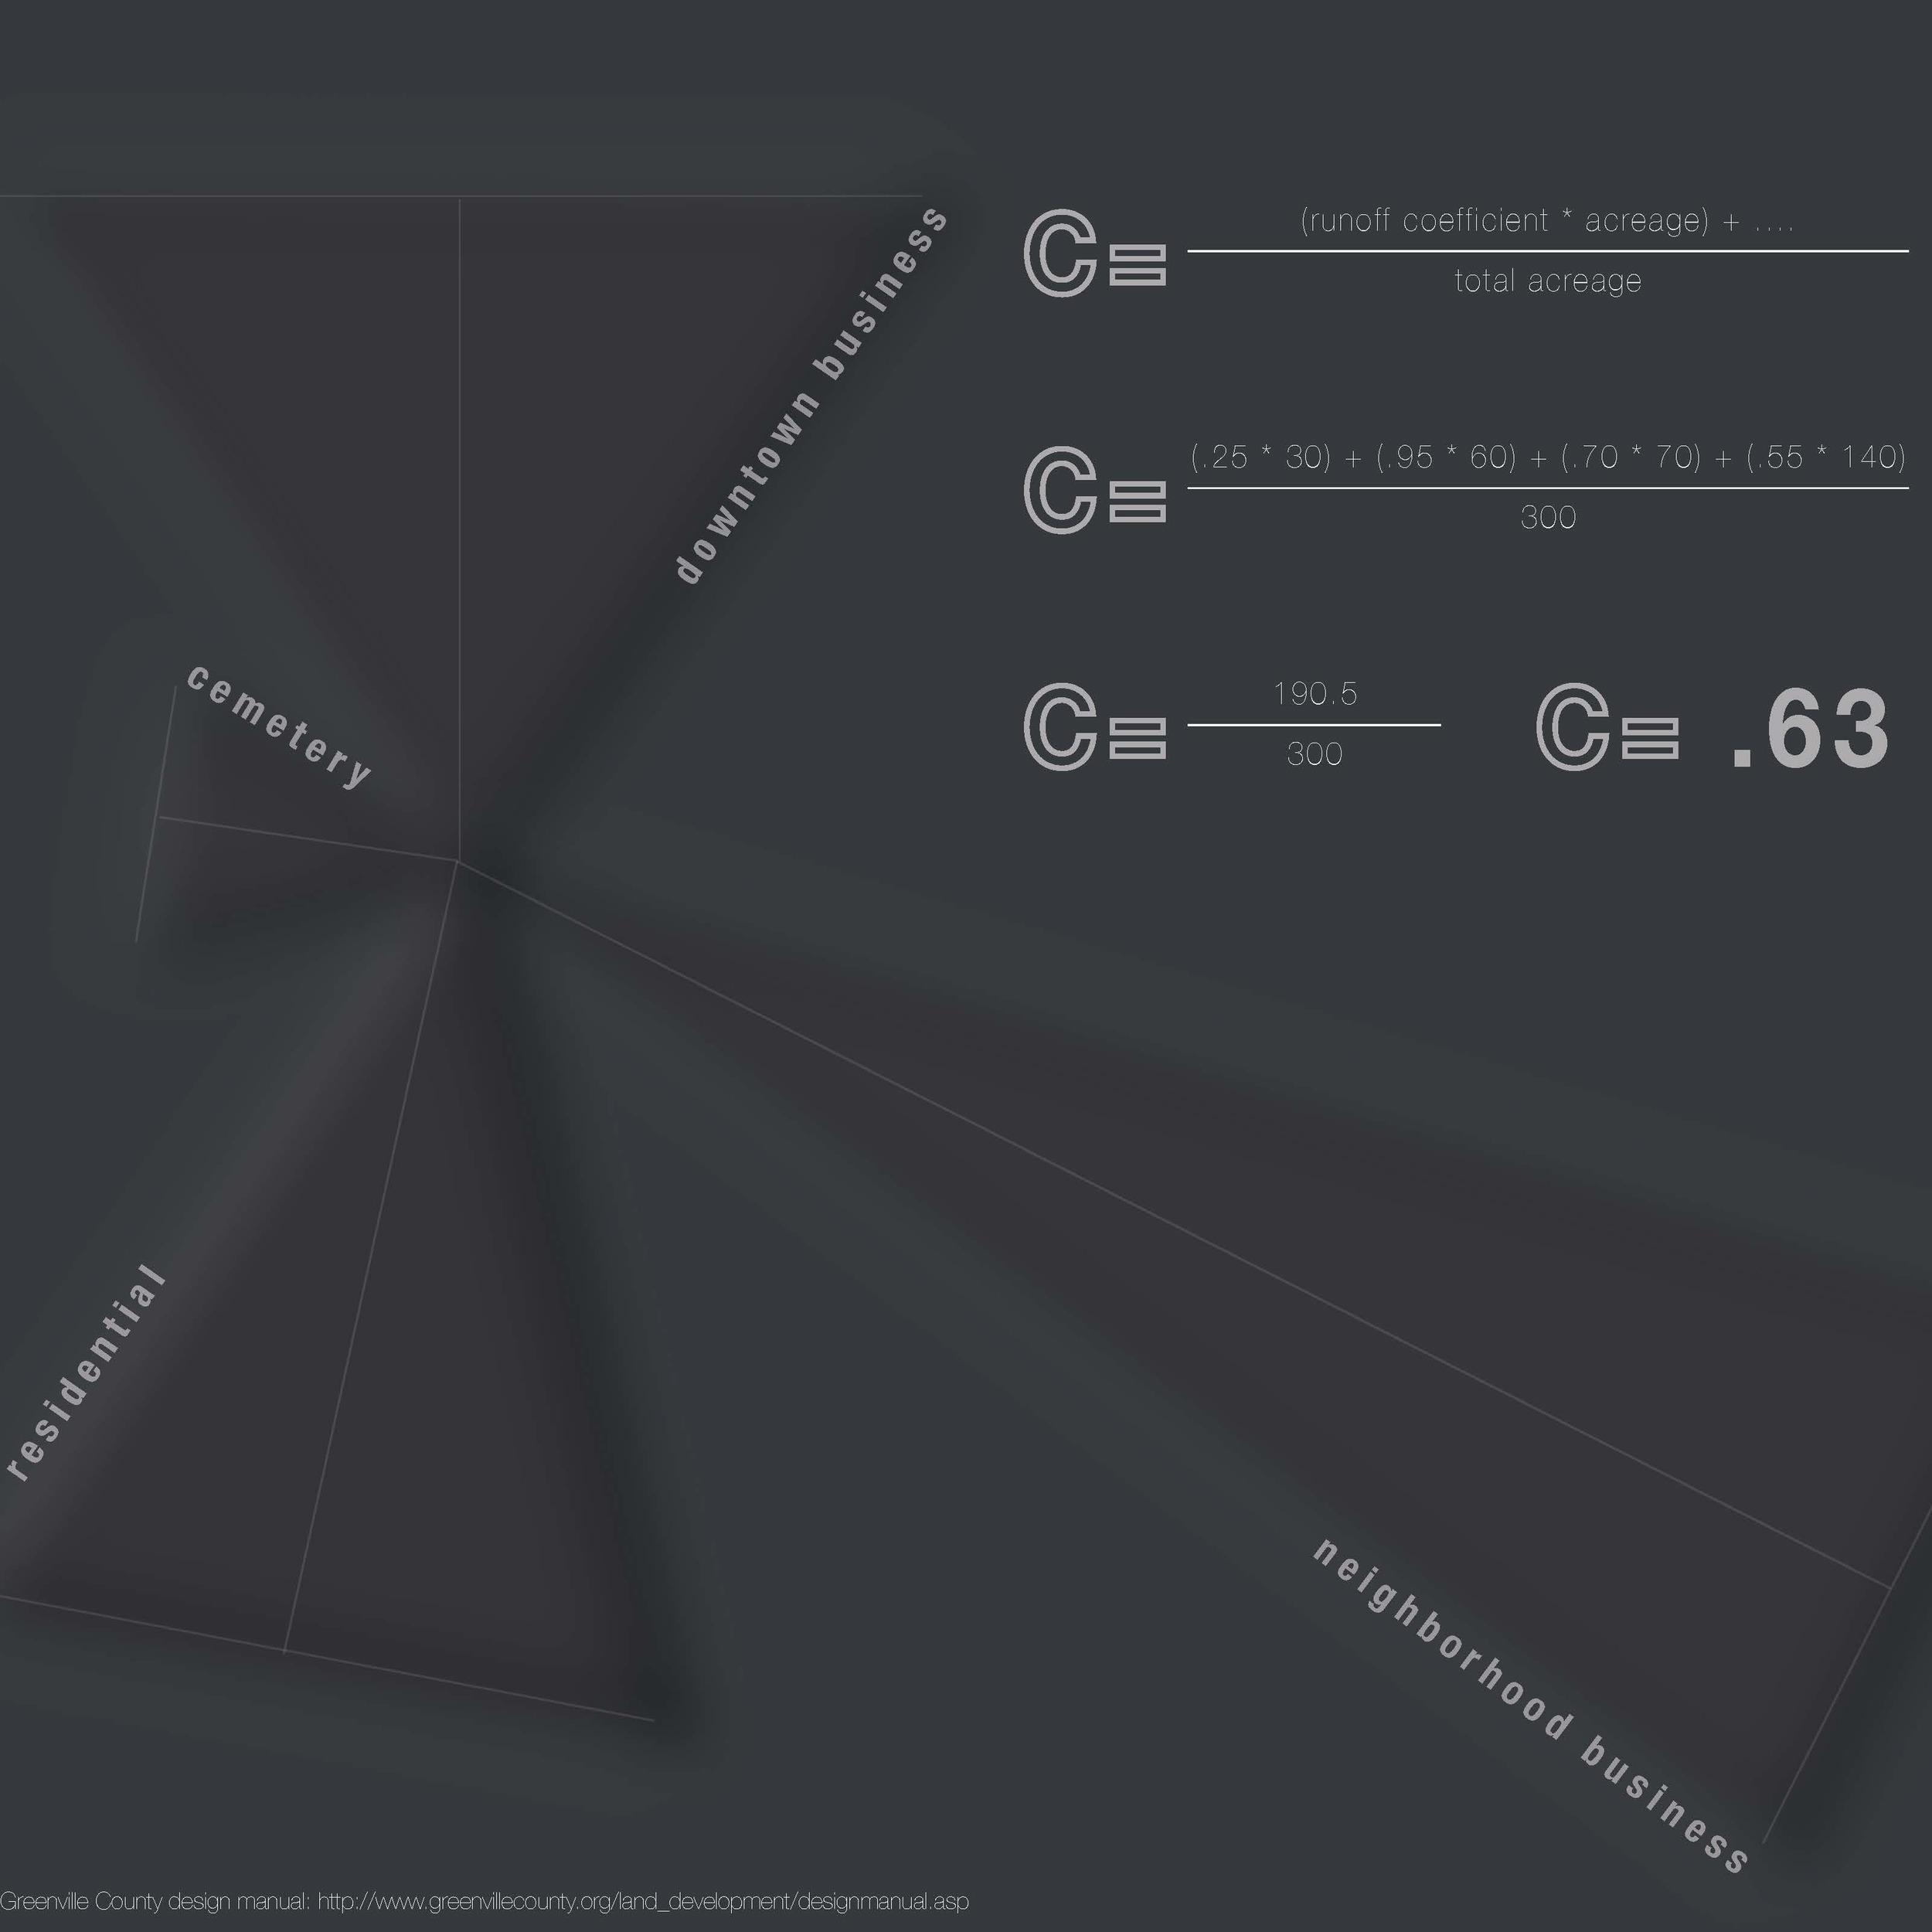 Hangartner_thesis_Page_44.jpg